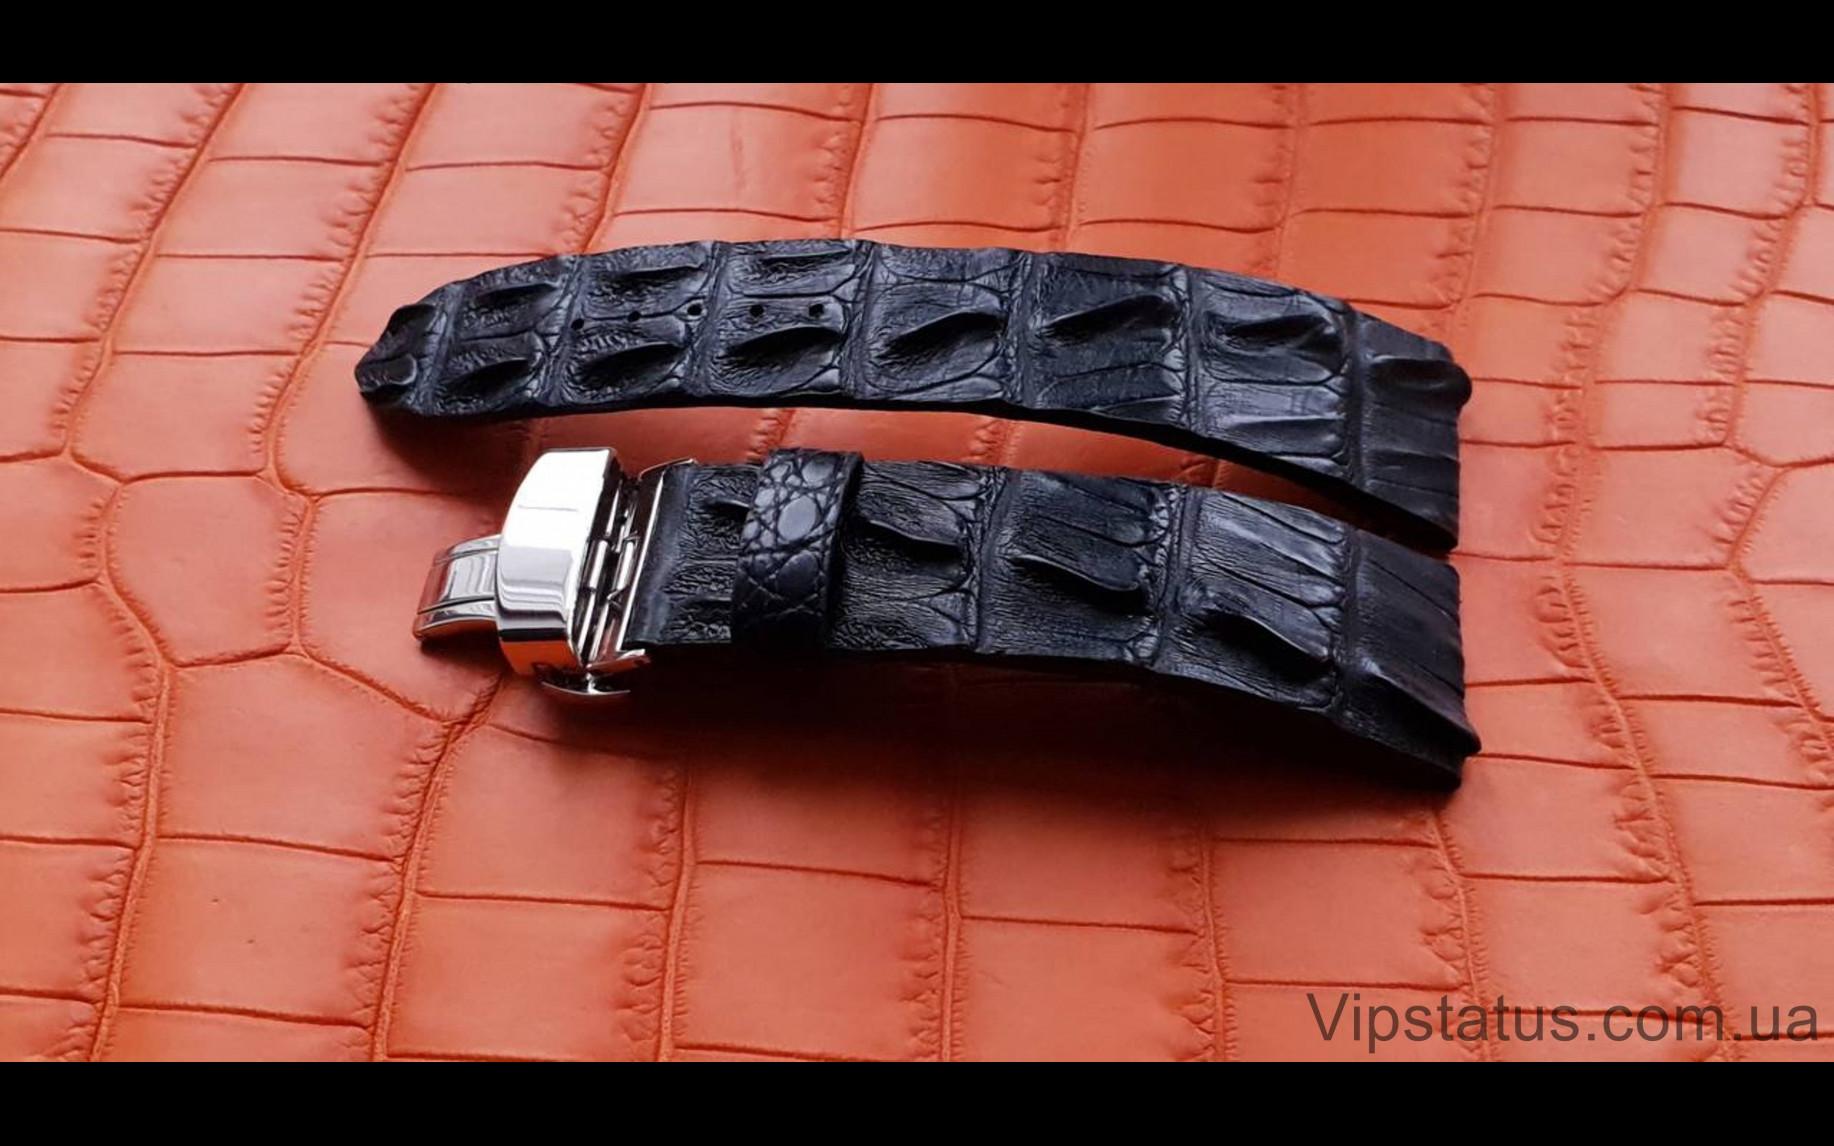 Elite Элитный ремешок для часов IWC кожа крокодила Elite Crocodile Strap for IWC watches image 3